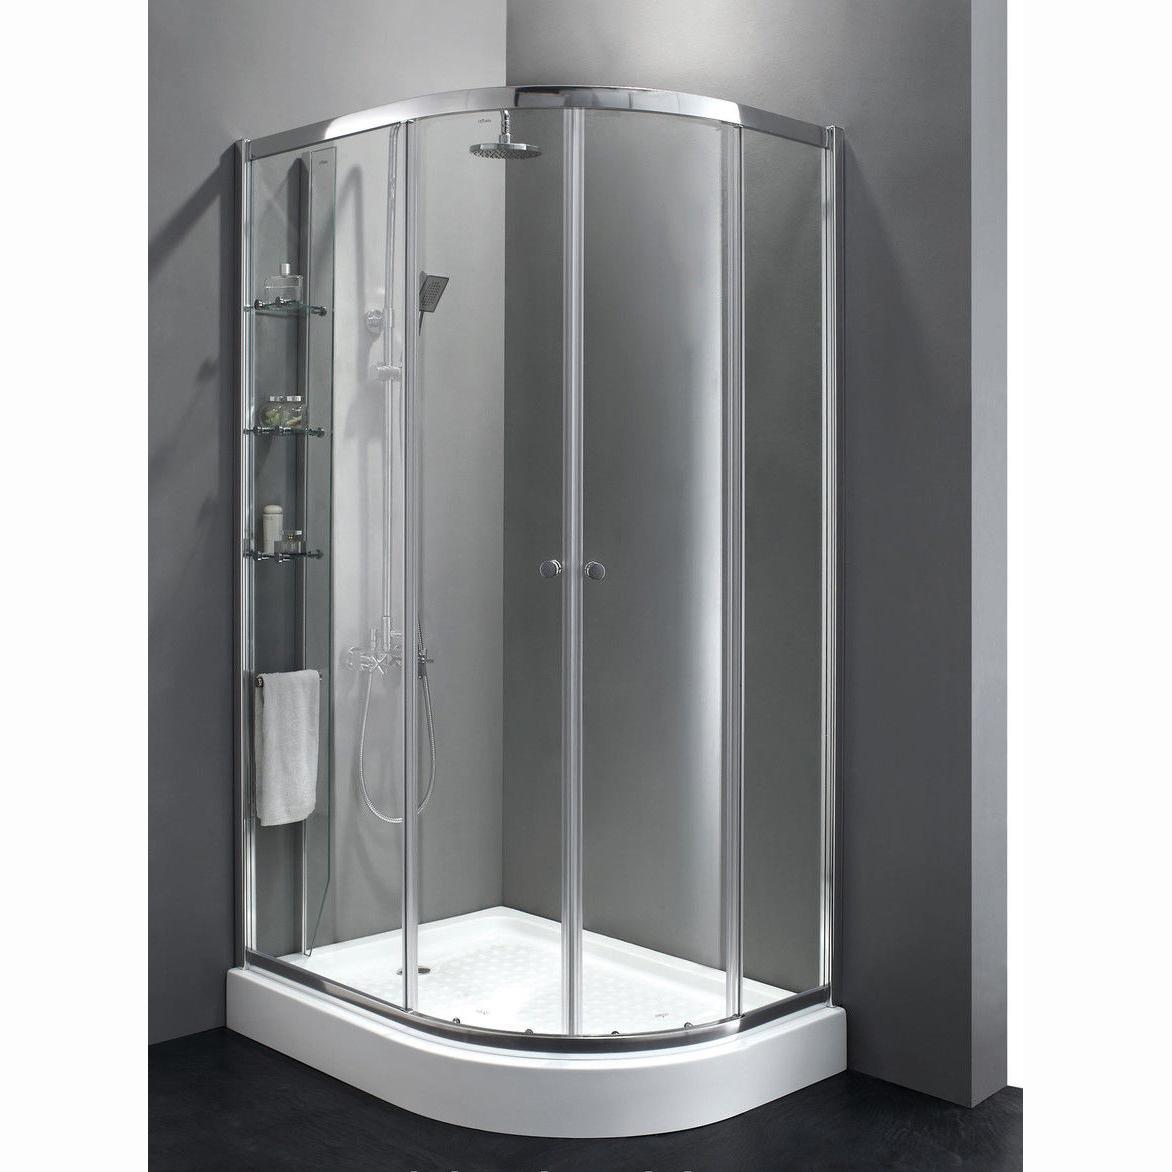 Душевой уголок Cezares Anima RH2 120x90 прозрачное стекло, профиль хром Левый душевой поддон sturm jump 120х90х5 левый